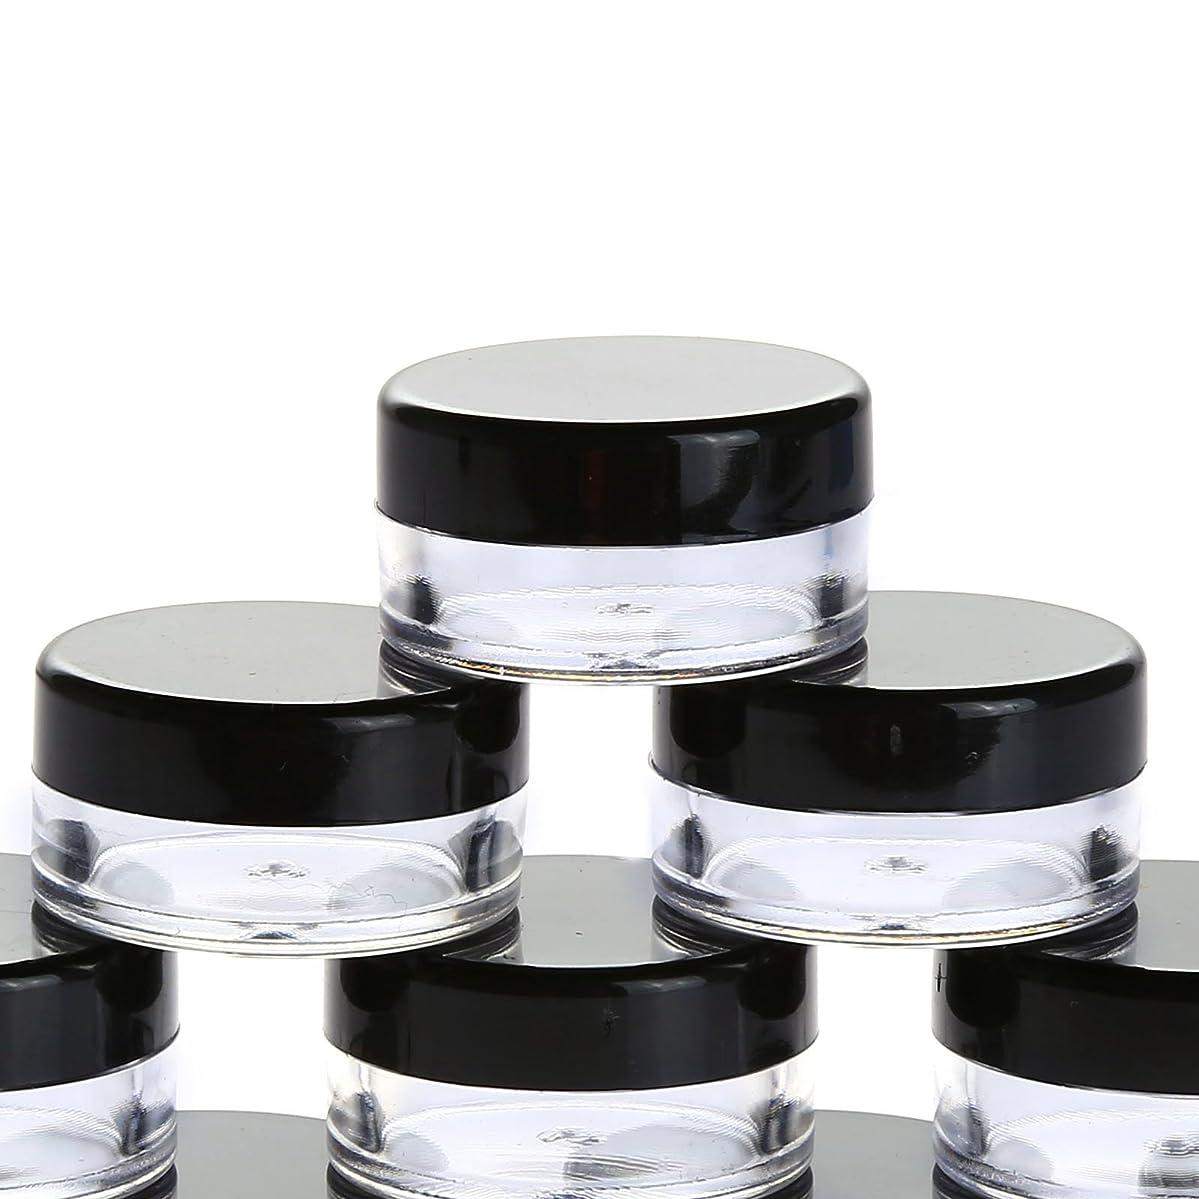 ユーモアランデブー葉を集める10個入り 5g 化粧品用 小分け容器 小分けボトル クリームケース 詰め替え容器 化粧品 携帯用 収納 旅行用品